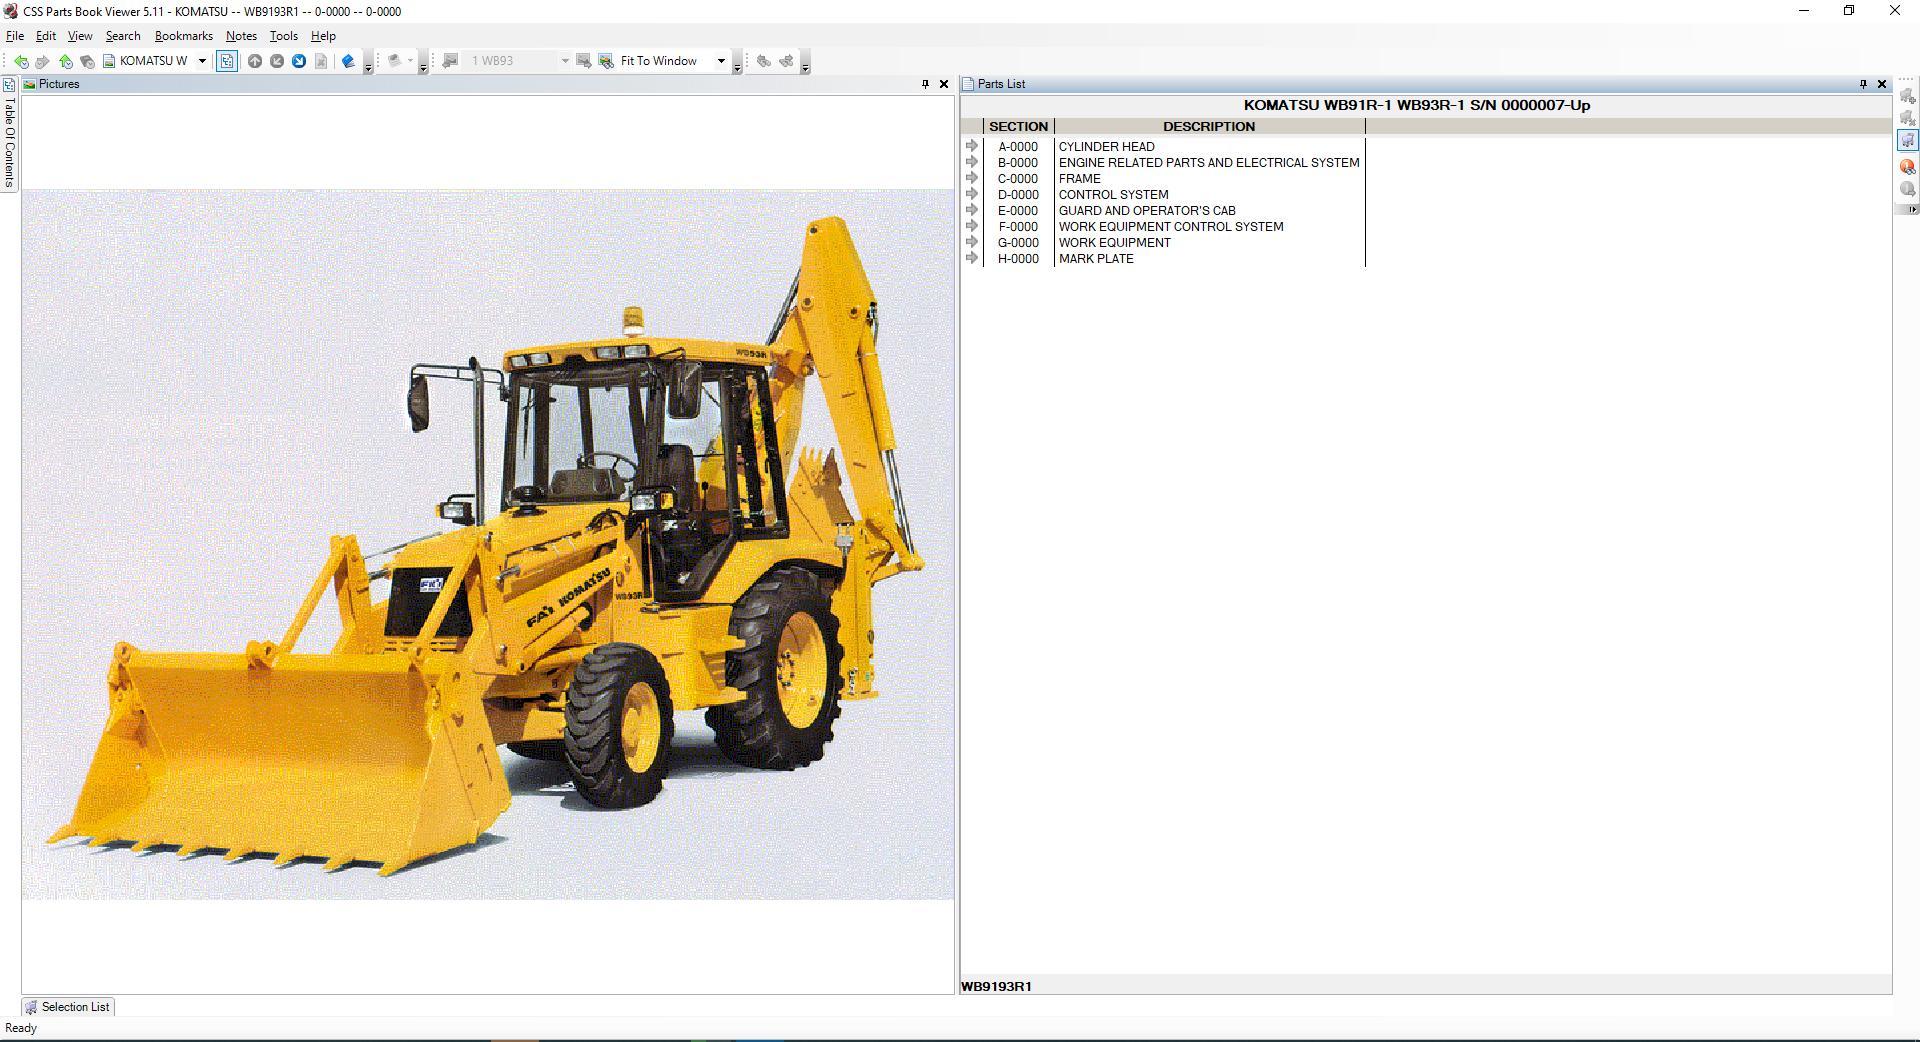 Komatsu_EPC_Linkone_CSS_Parts_Vewer_511_102019EU8